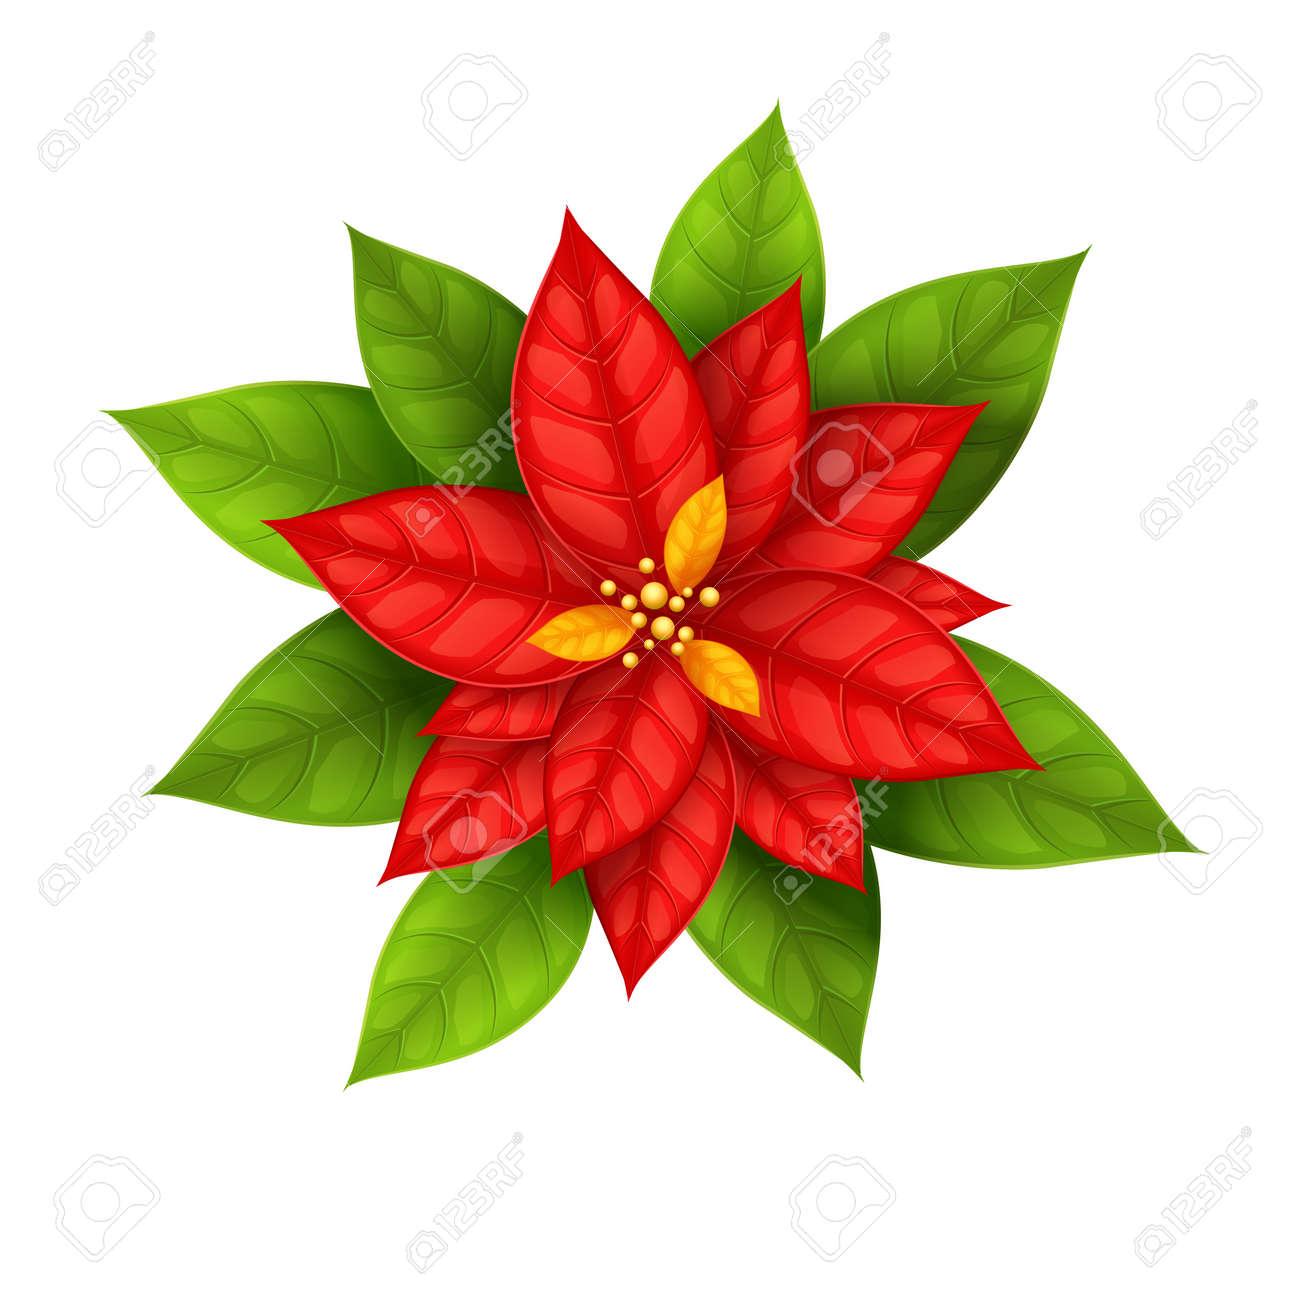 Red Weihnachtsstern Blume Weihnachtsstern Auf Weißem Hintergrund ...